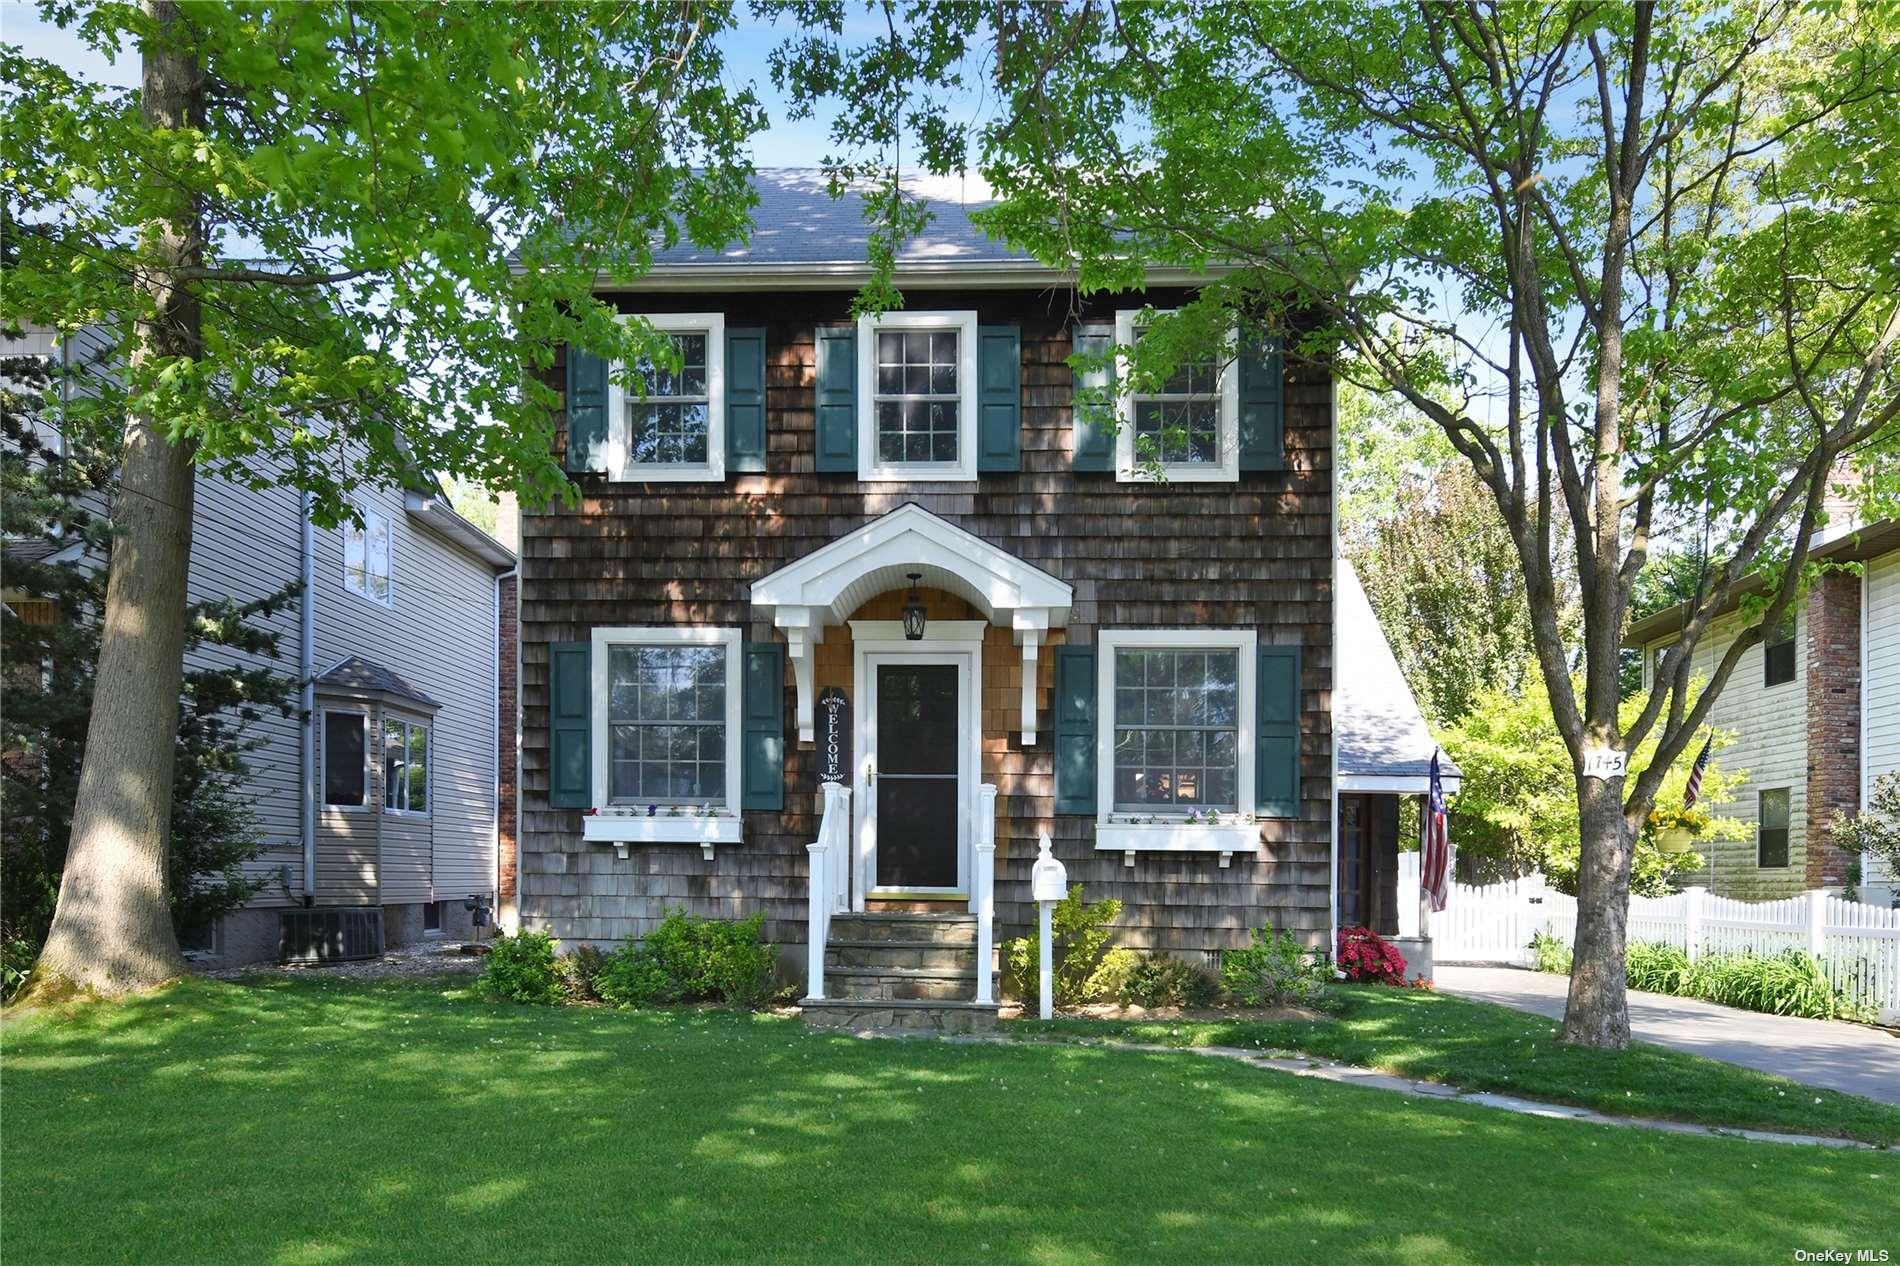 Photo of 1745 Cornelius Avenue, Wantagh, NY 11793, Wantagh, NY 11793